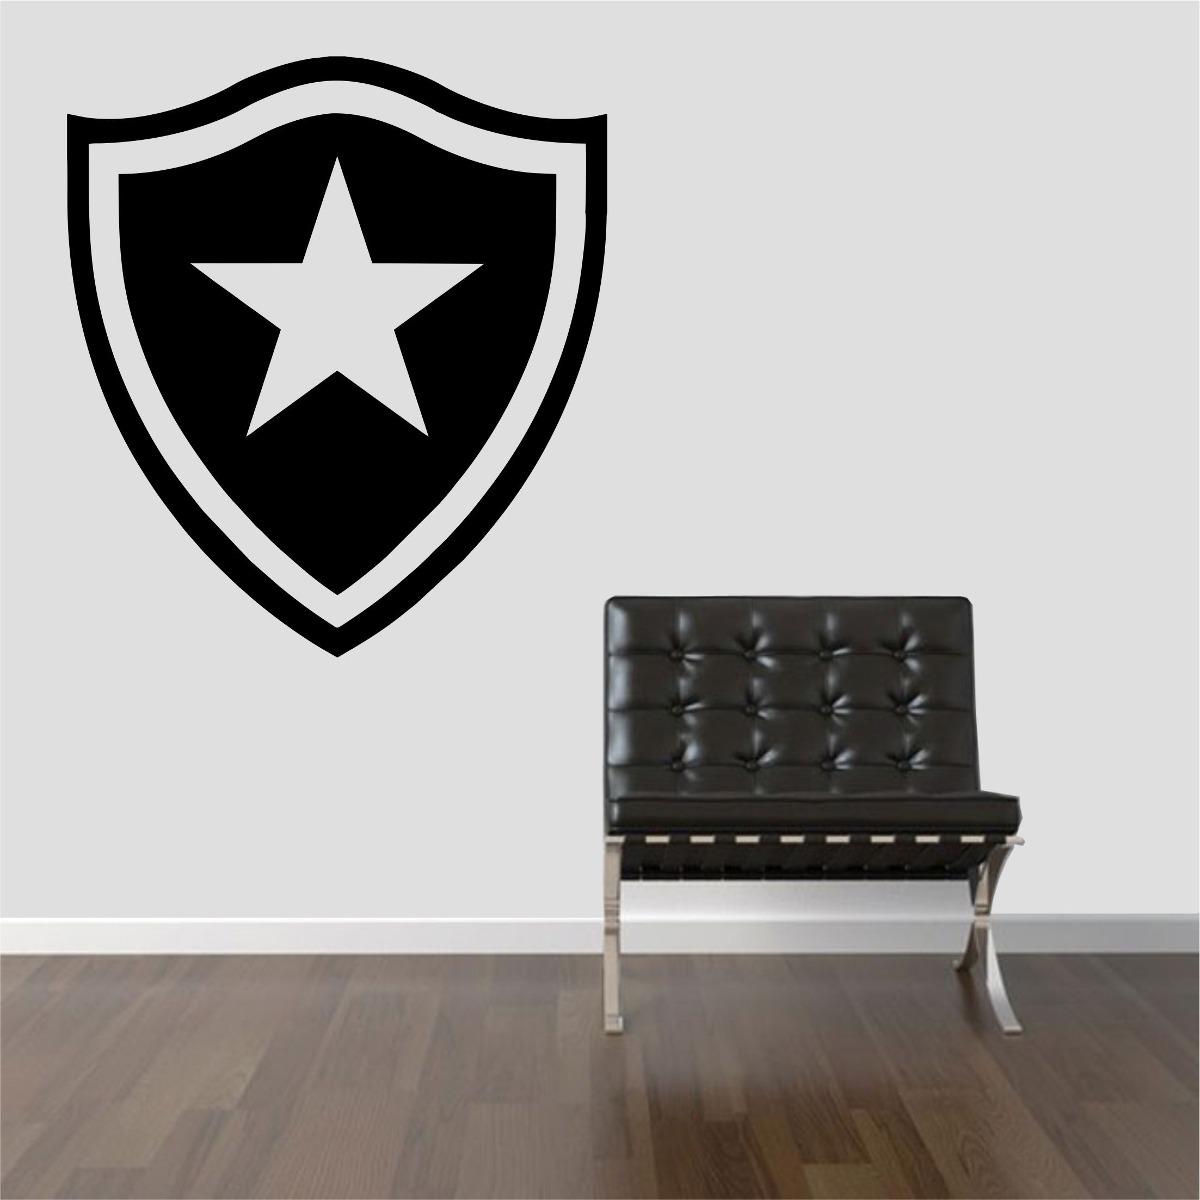 Armario Baixo Escritorio Preto ~ Adesivo Decorativo Parede Sala Escudo Time Botafogo Fog u00e3o R$ 28,99 no MercadoLivre